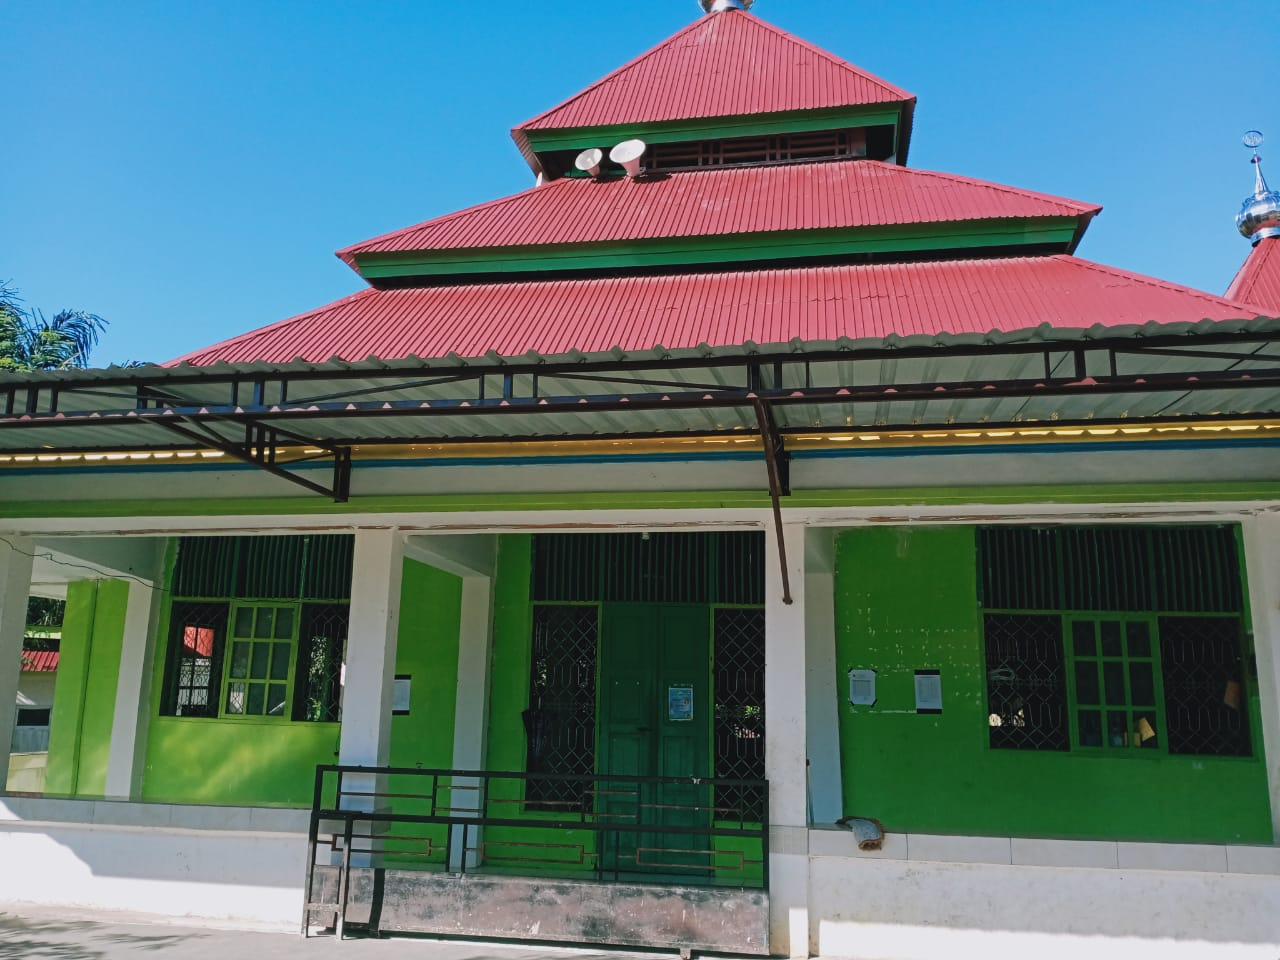 Kepala Desa Ondoke Abdul Latif Apresiasi Pengurus Masjid Nurul Iksan Gelar Berbagai Lomba di Bulan Ramadhan